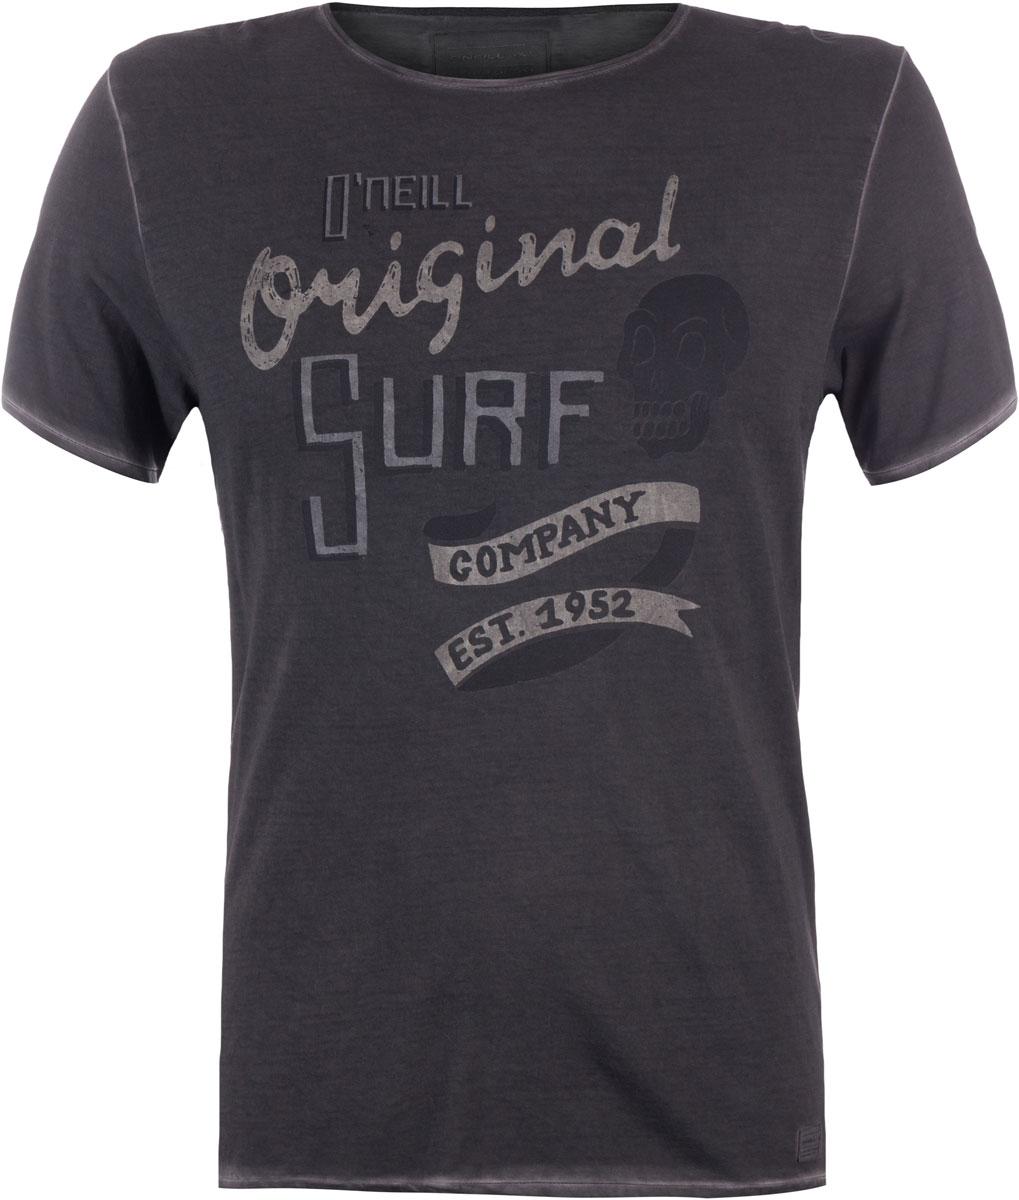 Футболка мужская ONeill Lm Washed Up T-Shirt, цвет: серый. 7A2328-8026. Размер XL (52/54)7A2328-8026Футболка мужская ONeill выполнена из 100% хлопка. Модель имеет стандартный крой, короткий рукав и круглый вырез горловины. Футболка искусственно застирана и дополнена надписями.